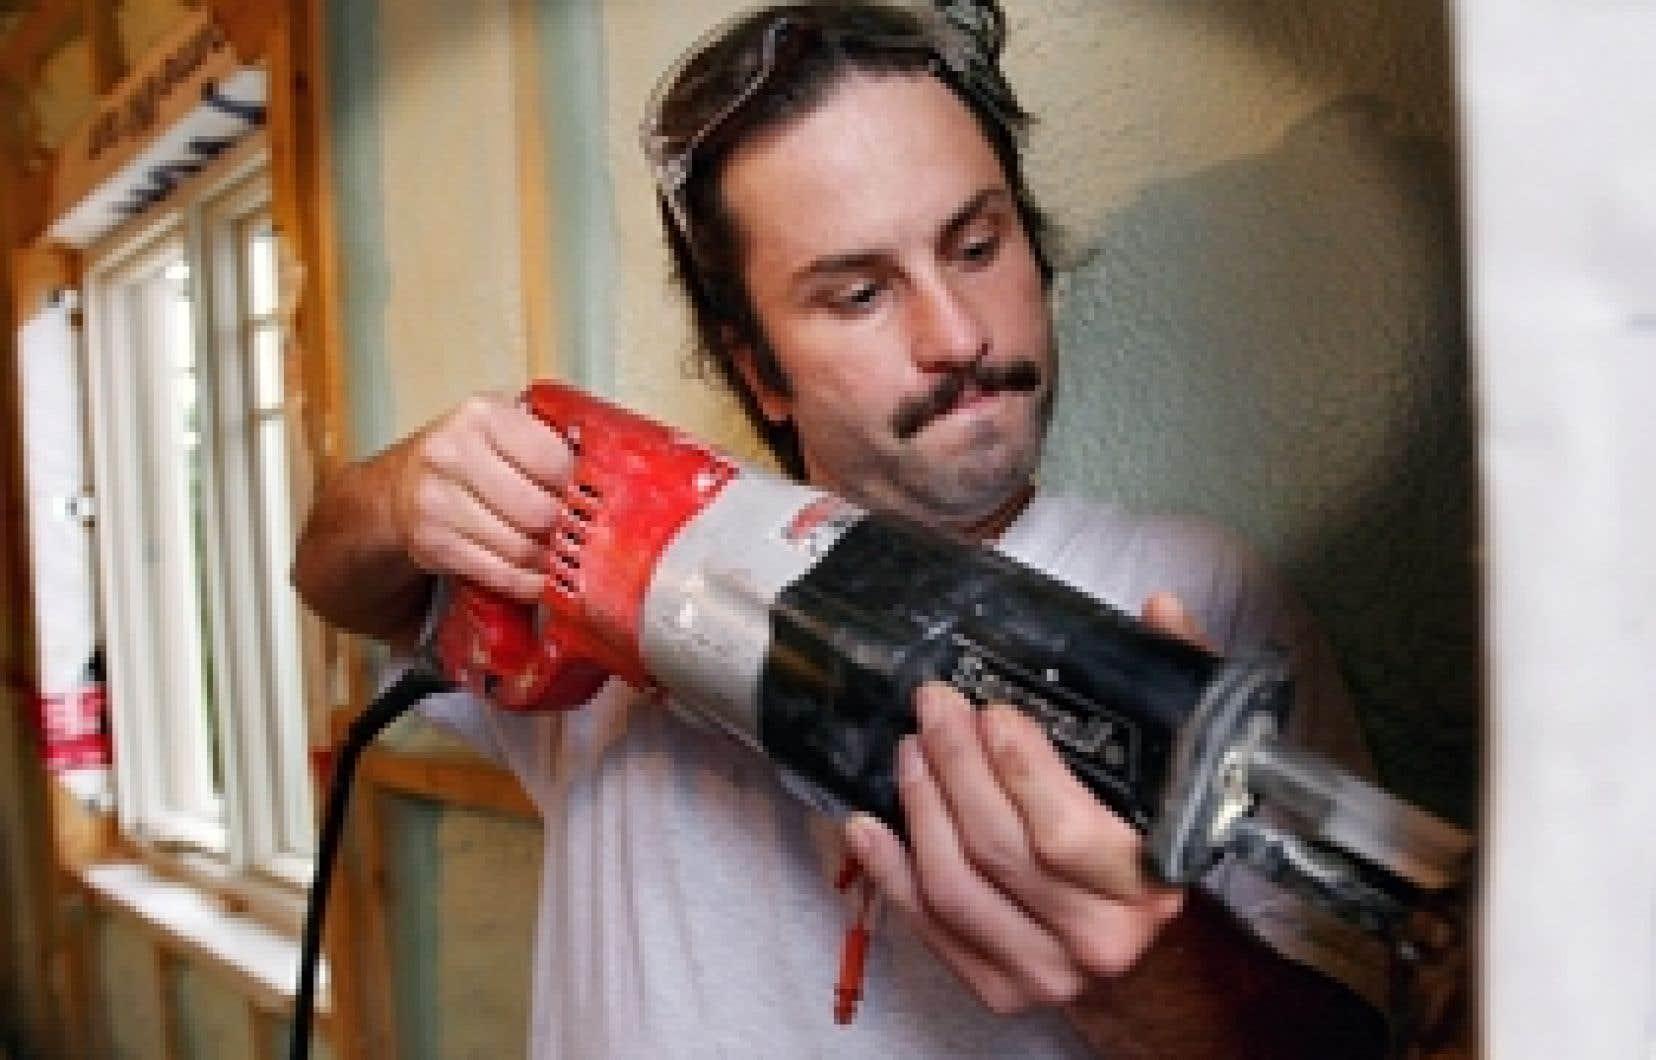 Pour avoir droit au crédit d'impôt pour la rénovation domiciliaire, il faudra faire des rénovations qui transforment la propriété, comme l'aménagement du sous-sol, la réfection de la cuisine...